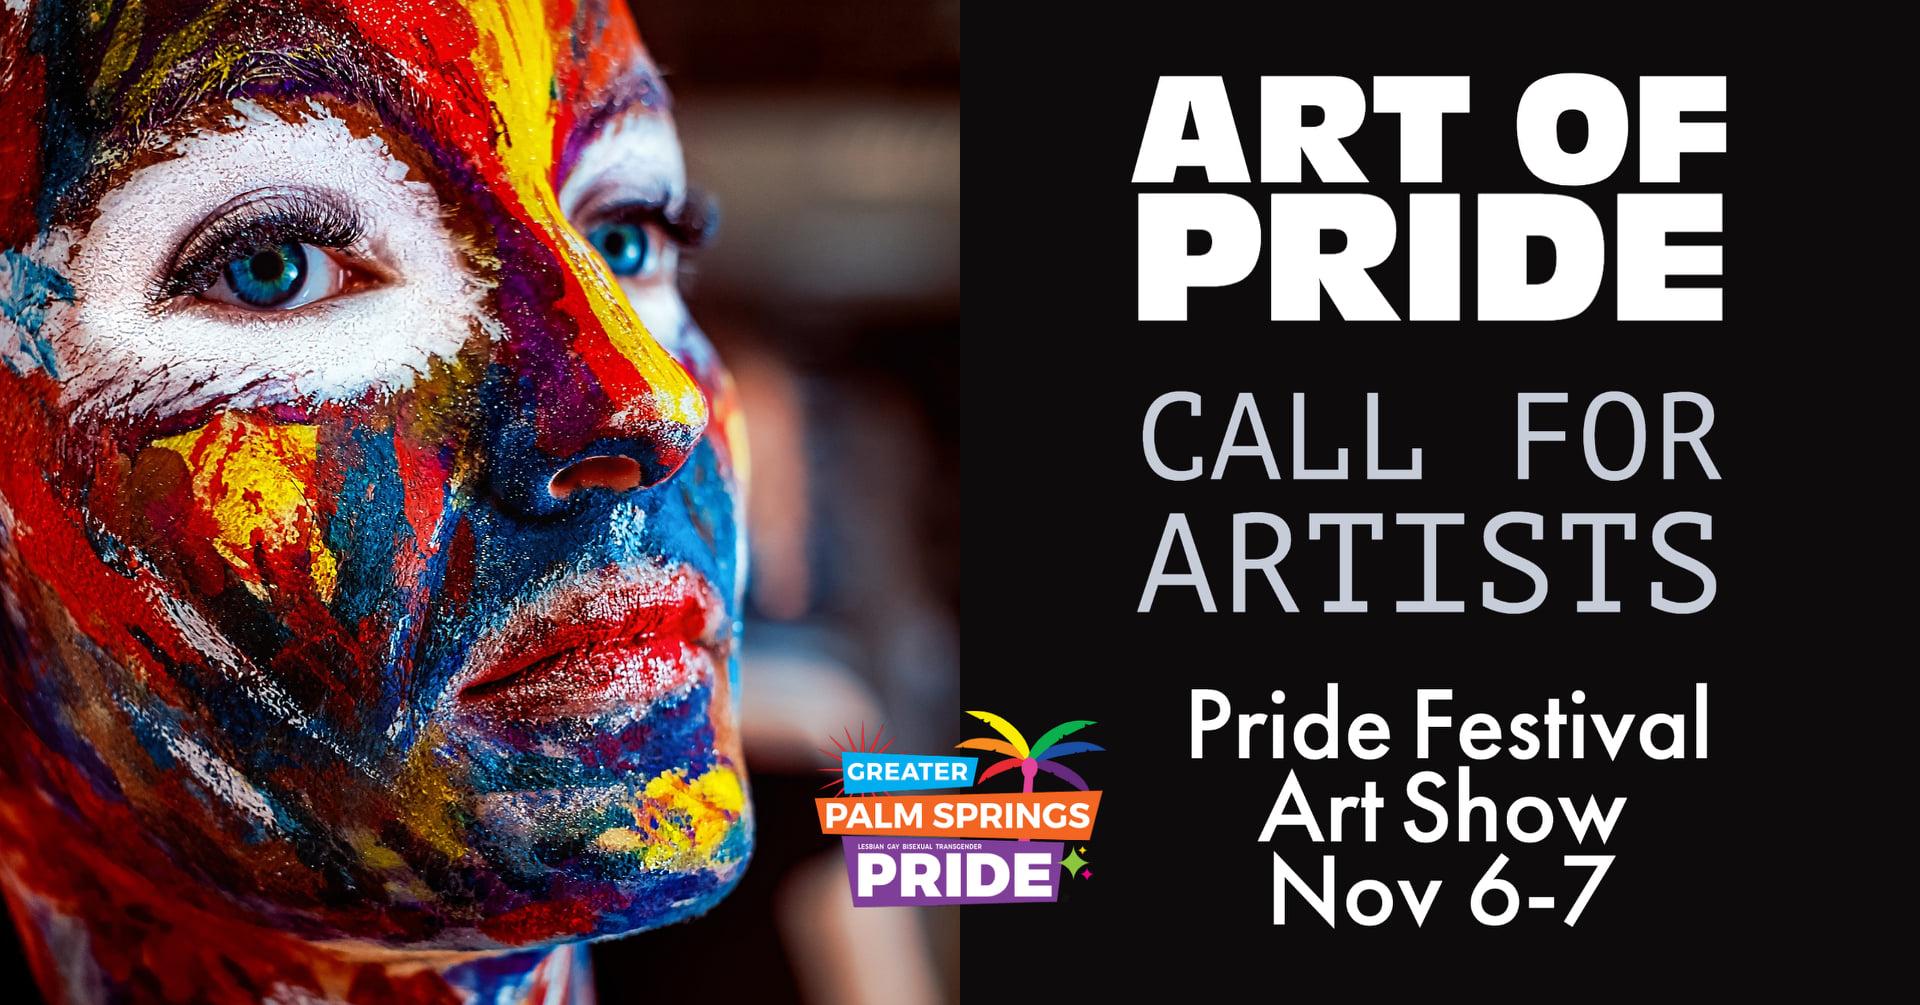 Art of Pride